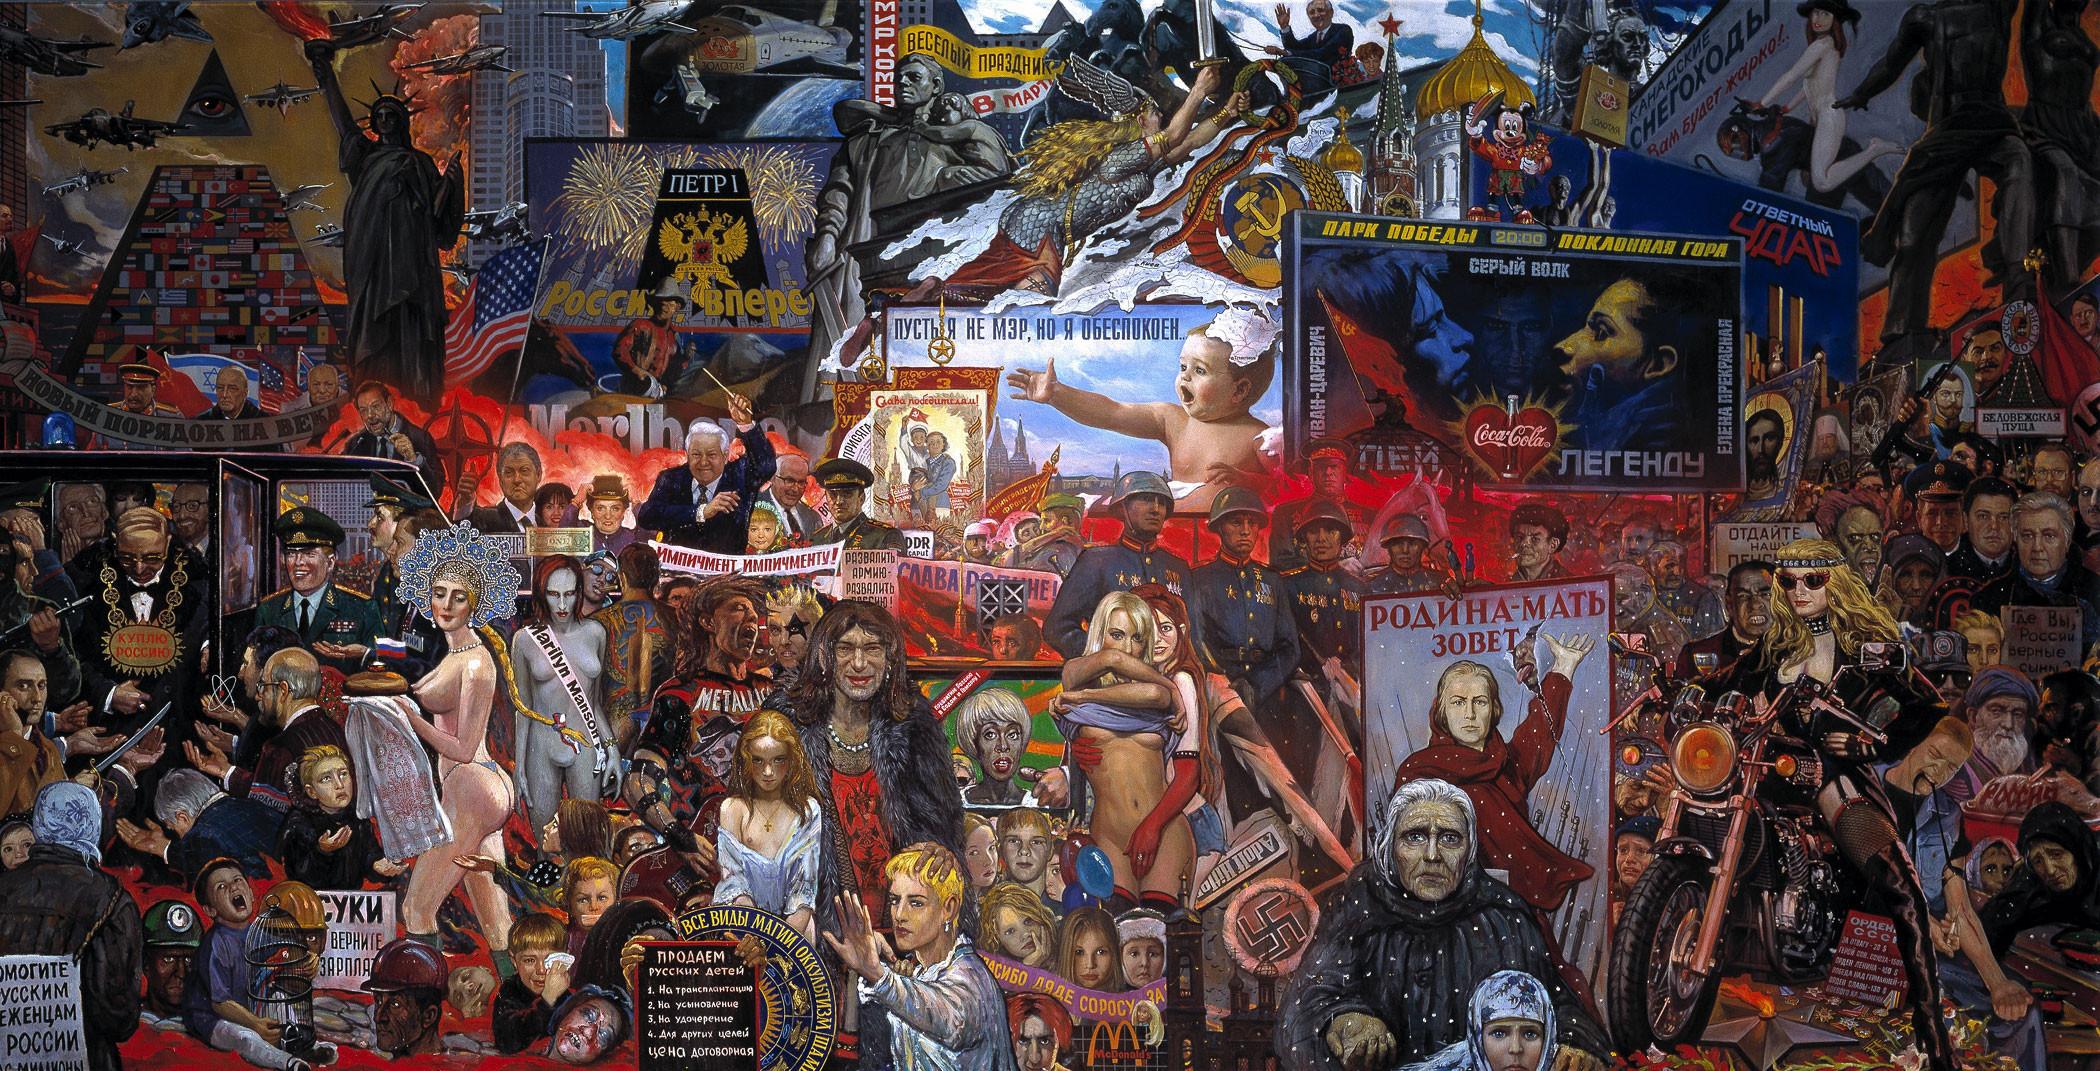 15423 Hintergrundbild herunterladen Bilder, Menschen, Kunst - Bildschirmschoner und Bilder kostenlos